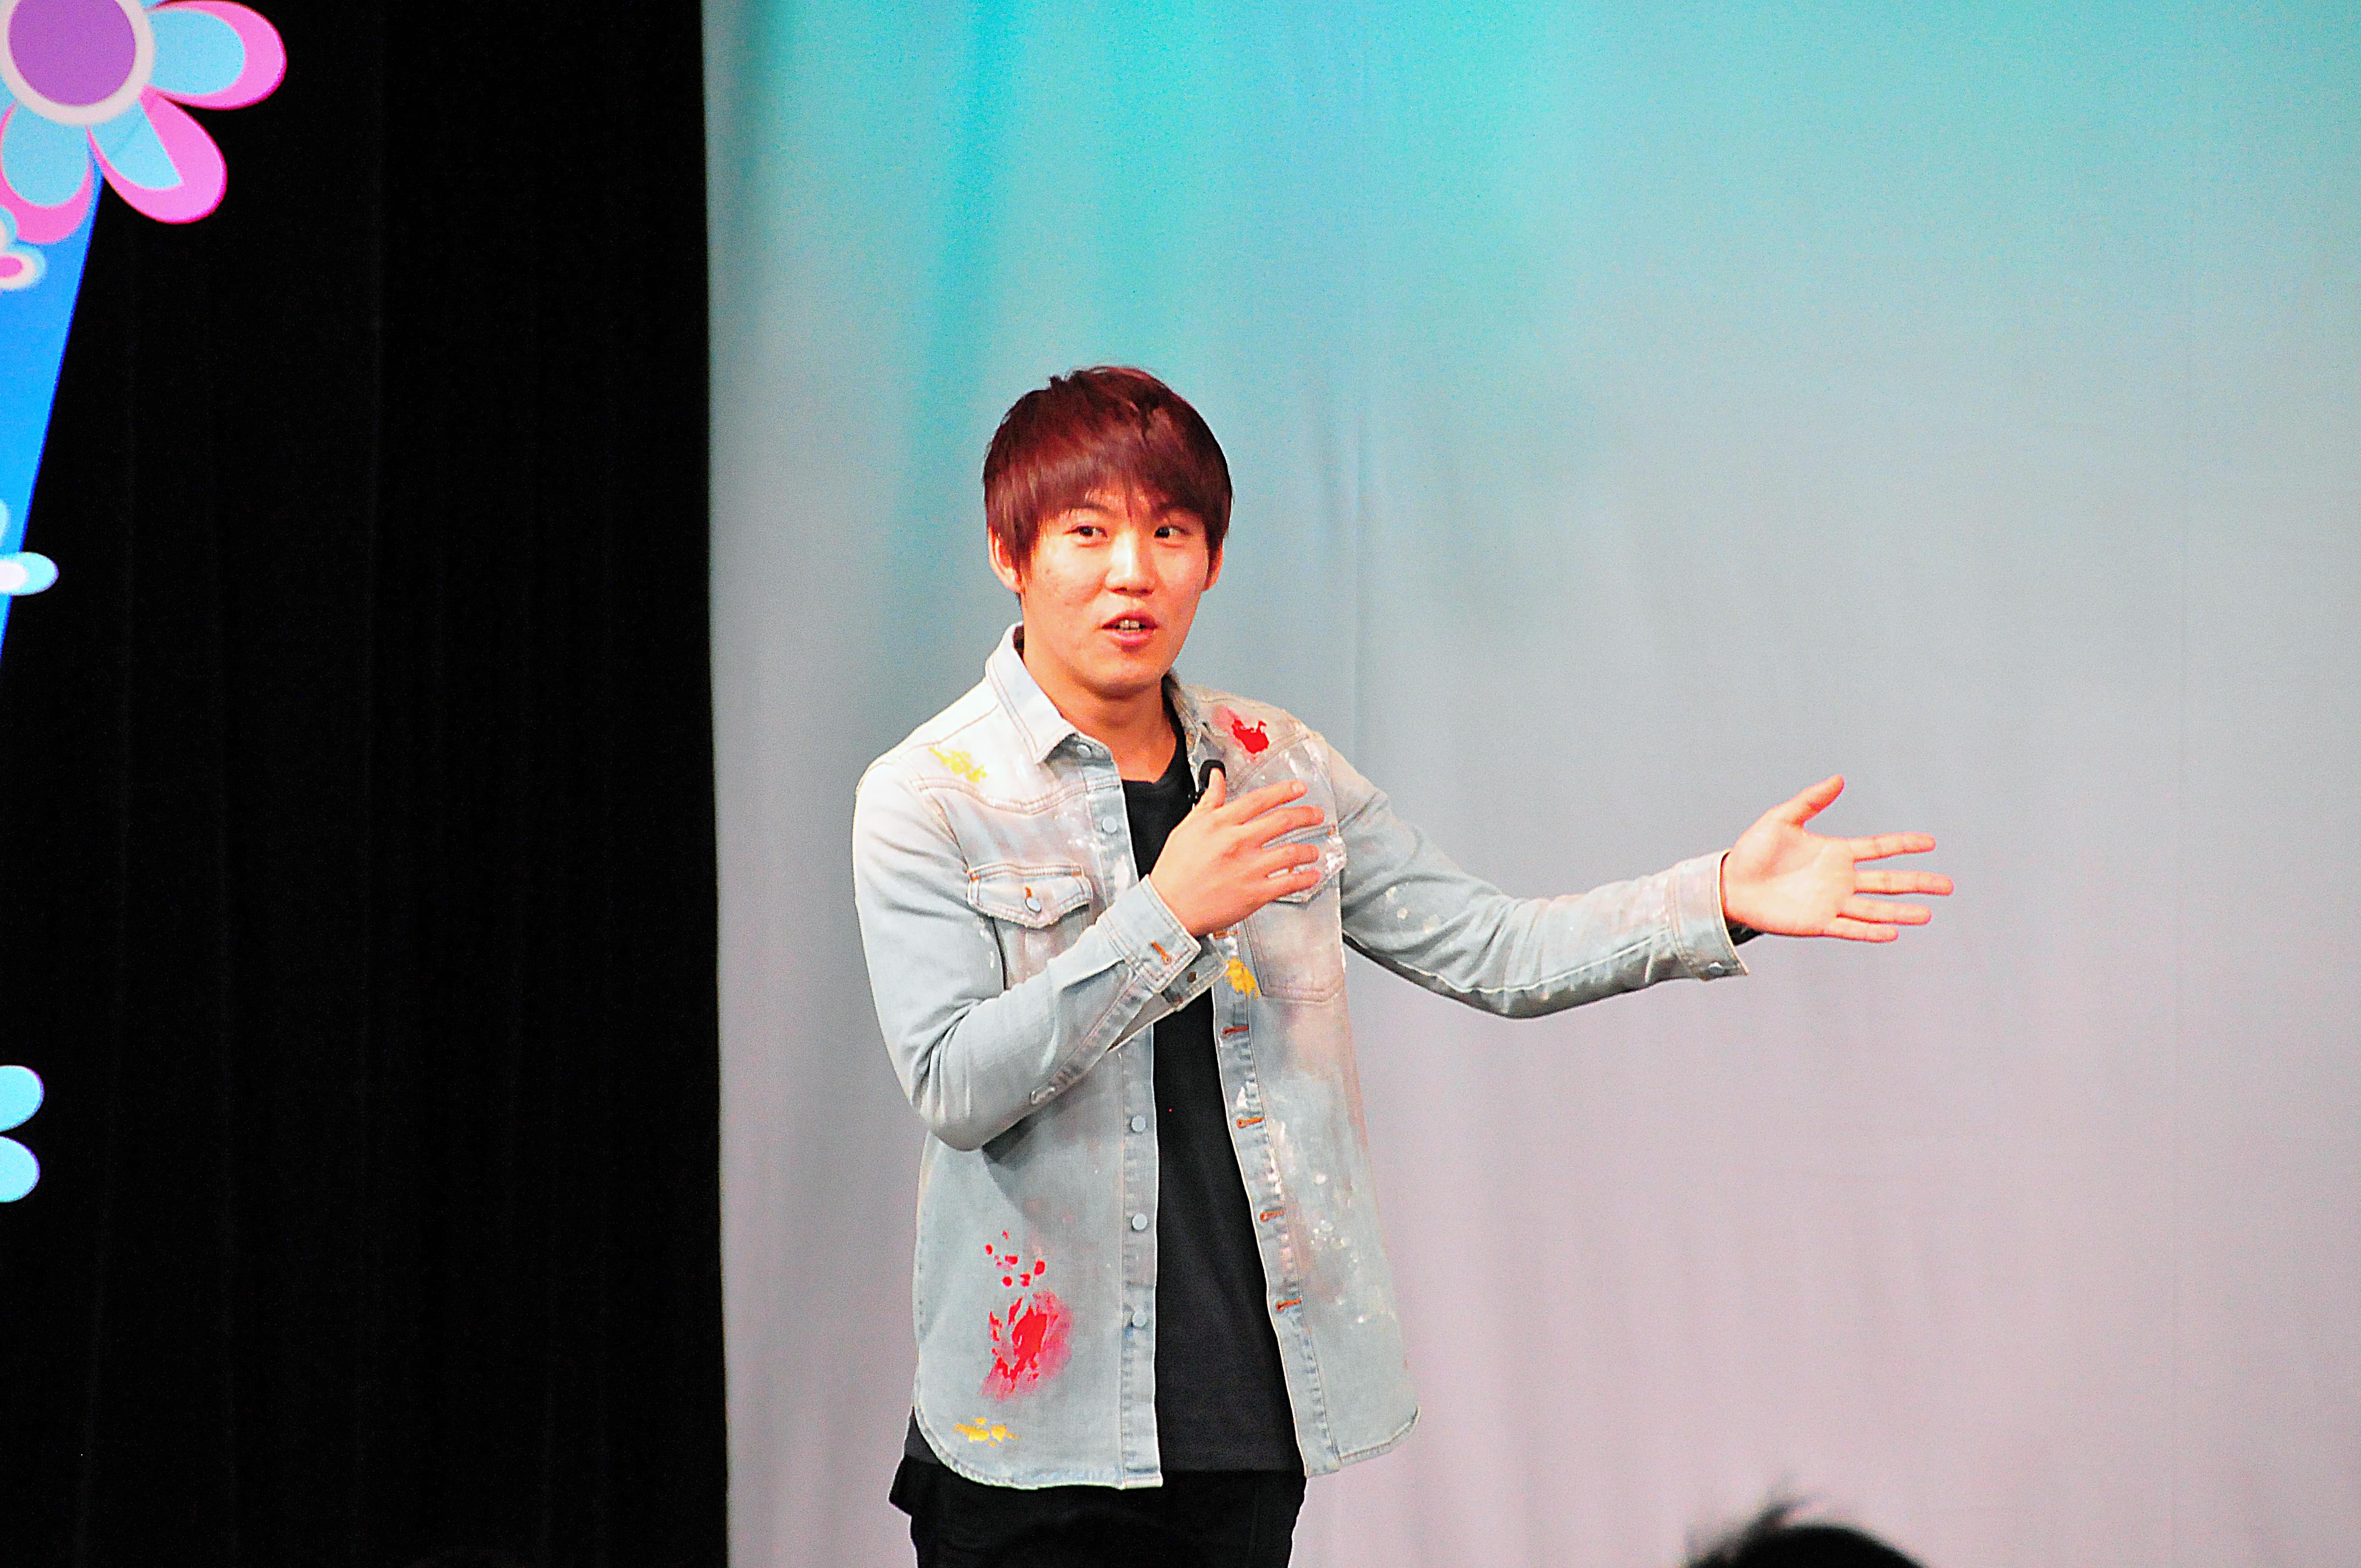 http://news.yoshimoto.co.jp/20151230192642-561db5505aa7c12524423473079eb4dc99ff2314.jpg